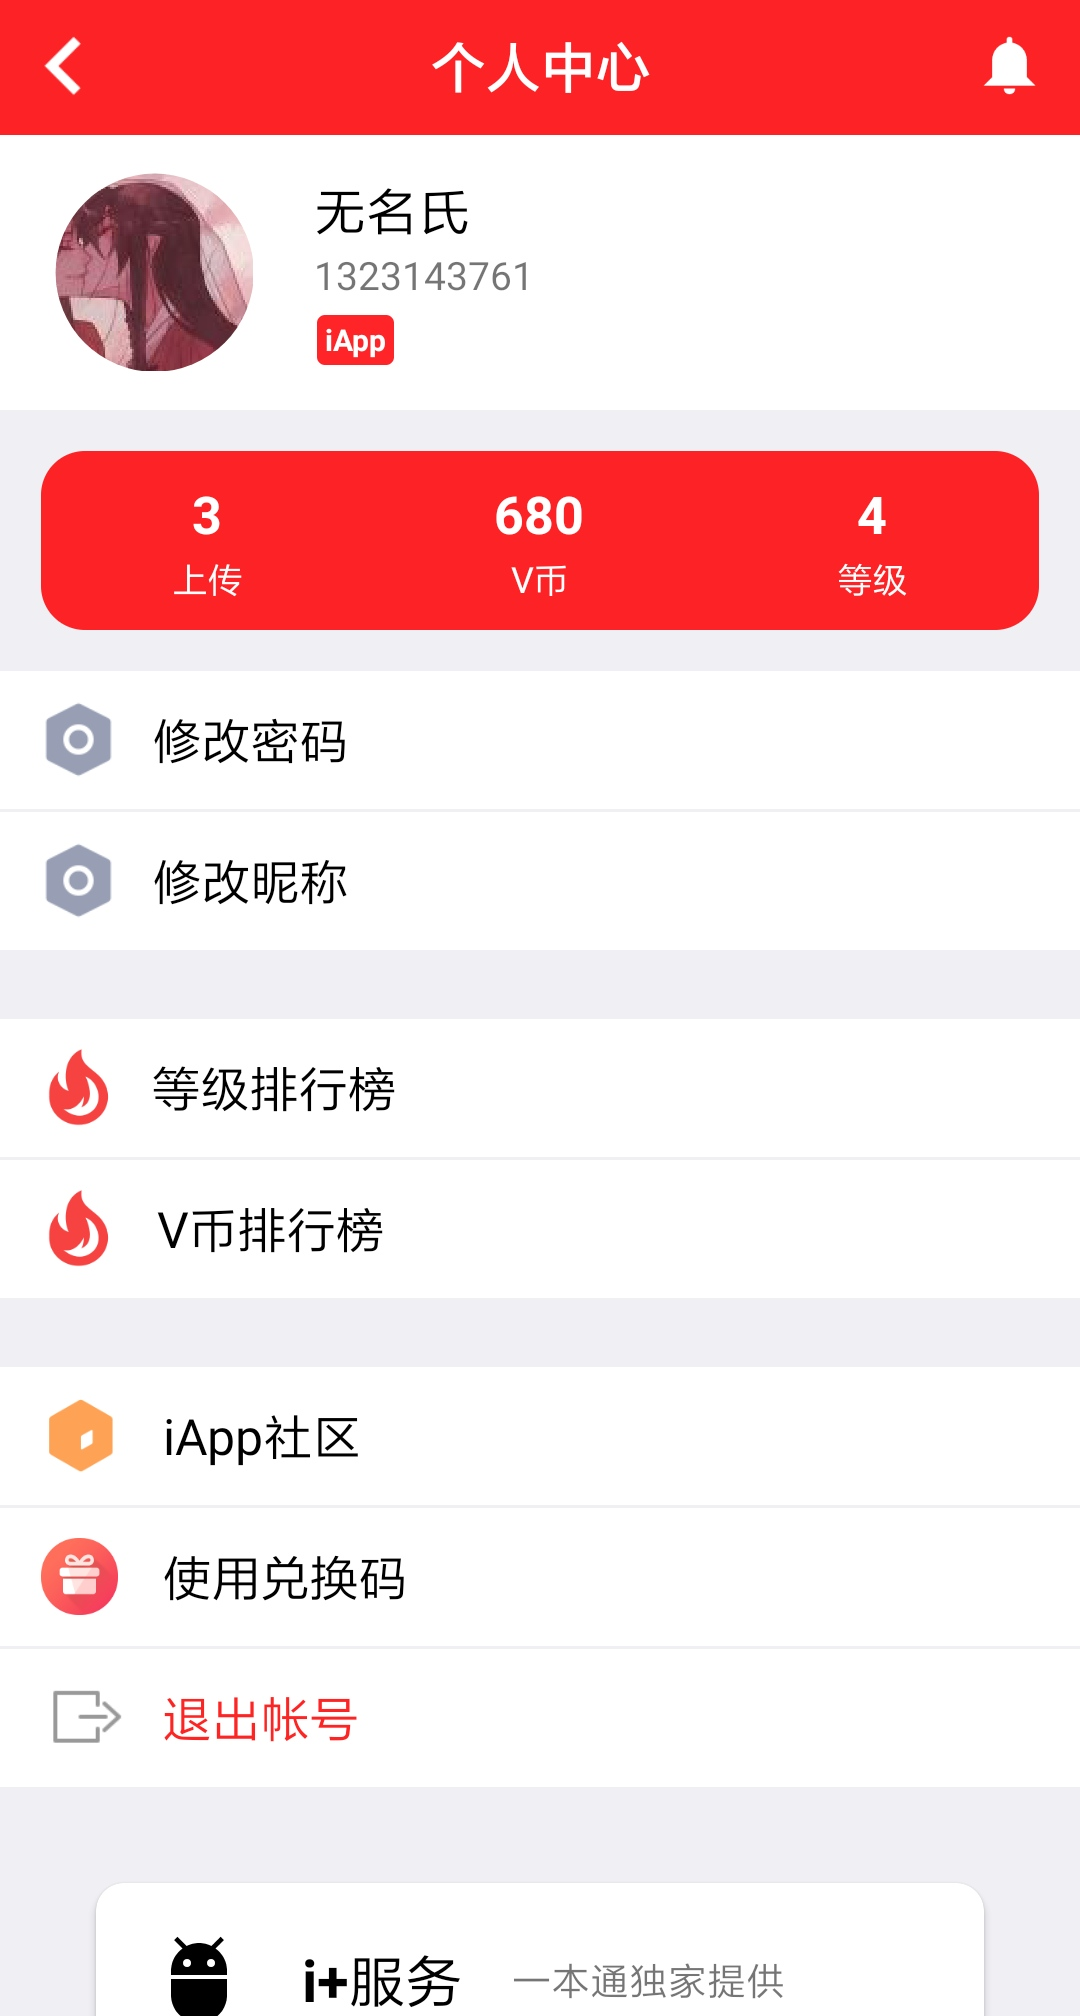 【原创】iApp一本通V2.2强势发布!●人人通用-爱小助